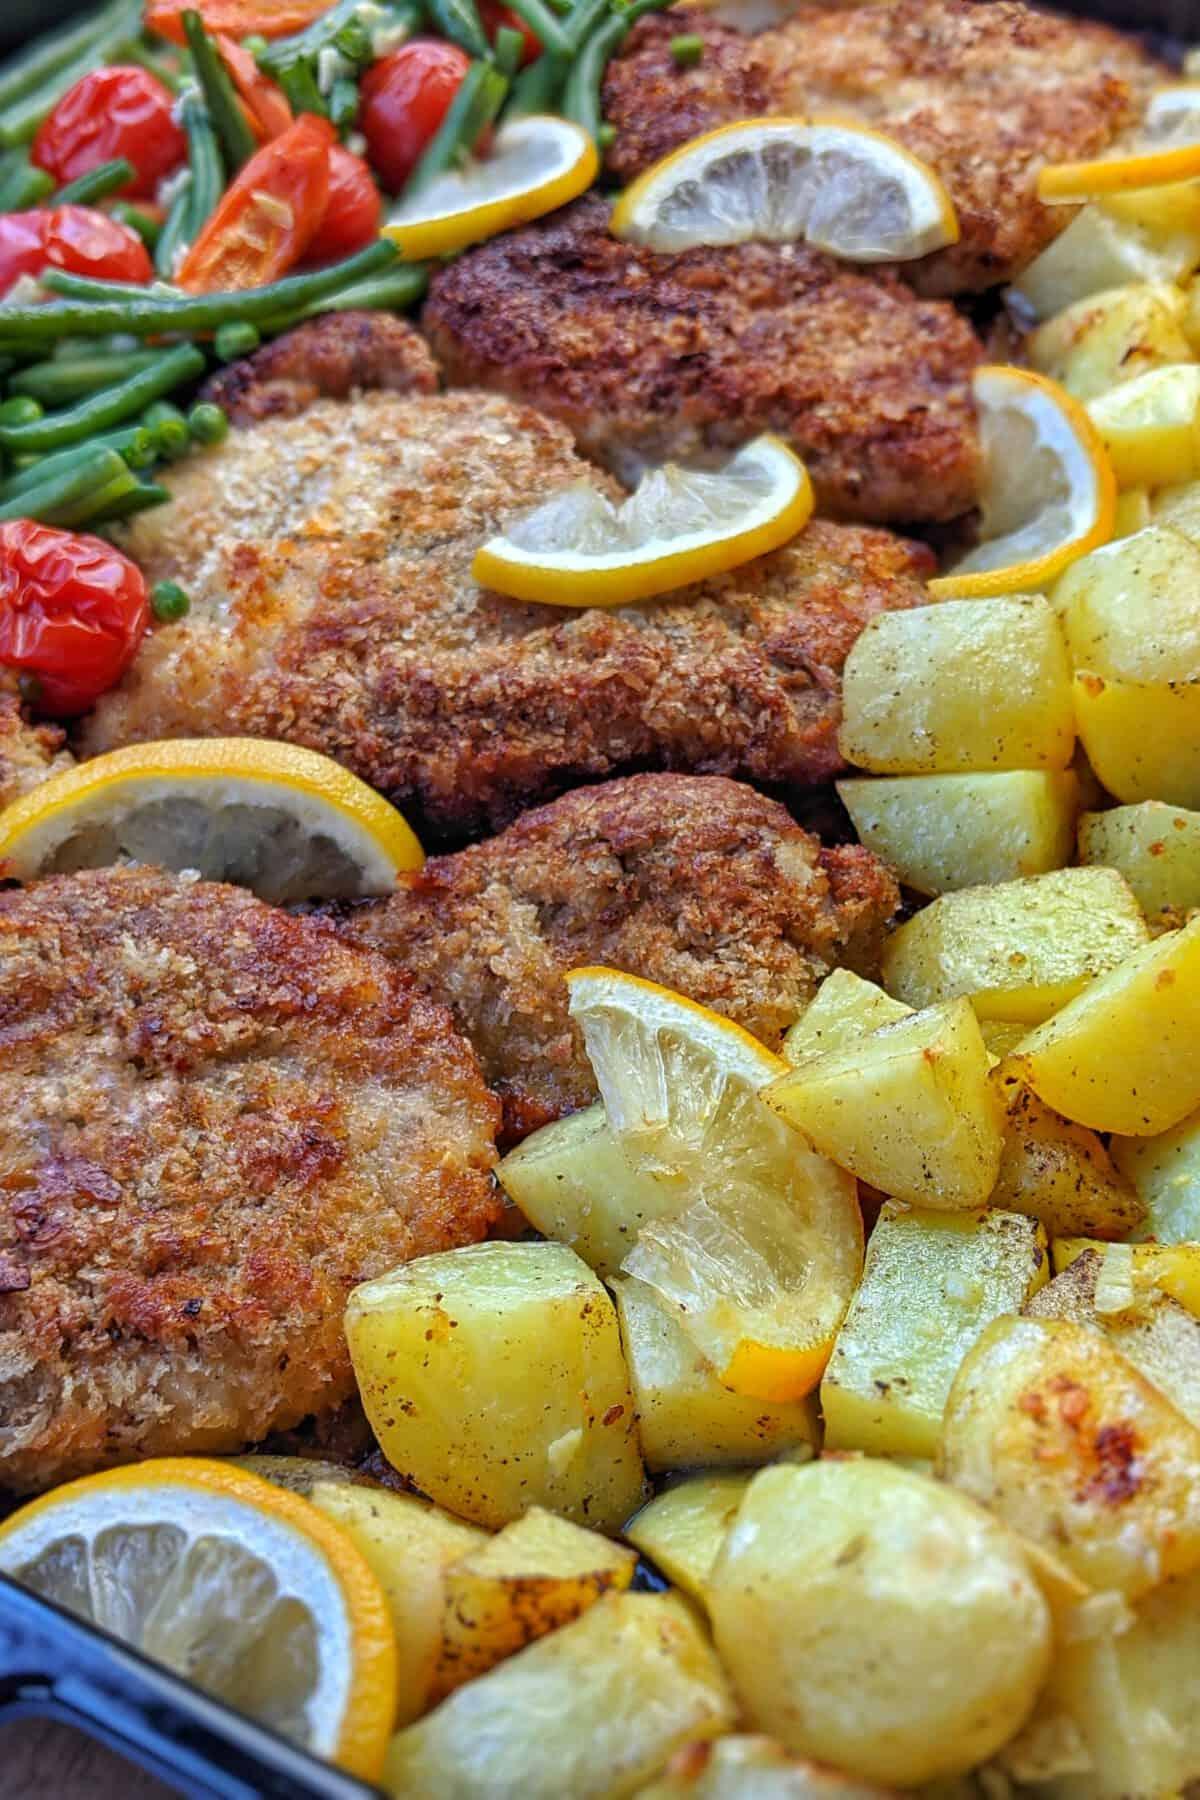 Panierte Parmesan Hähnchenschnitzeln mit Kartoffelecken und Gemüse aus dem Ofen